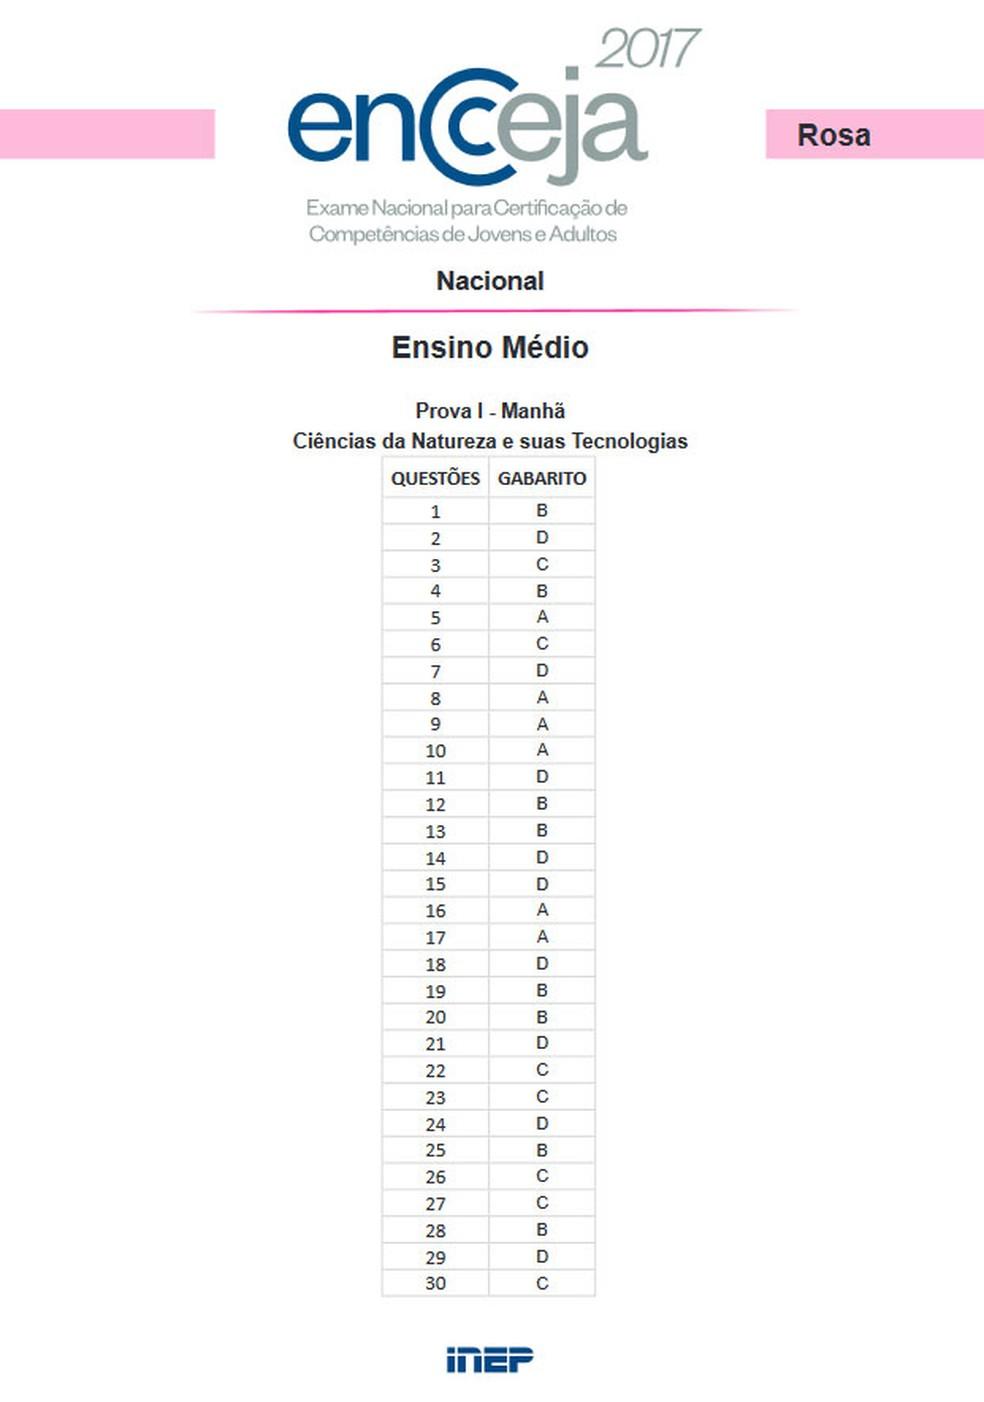 Gabarito Encceja - ensino médio - ciências da natureza (Foto: Reprodução)